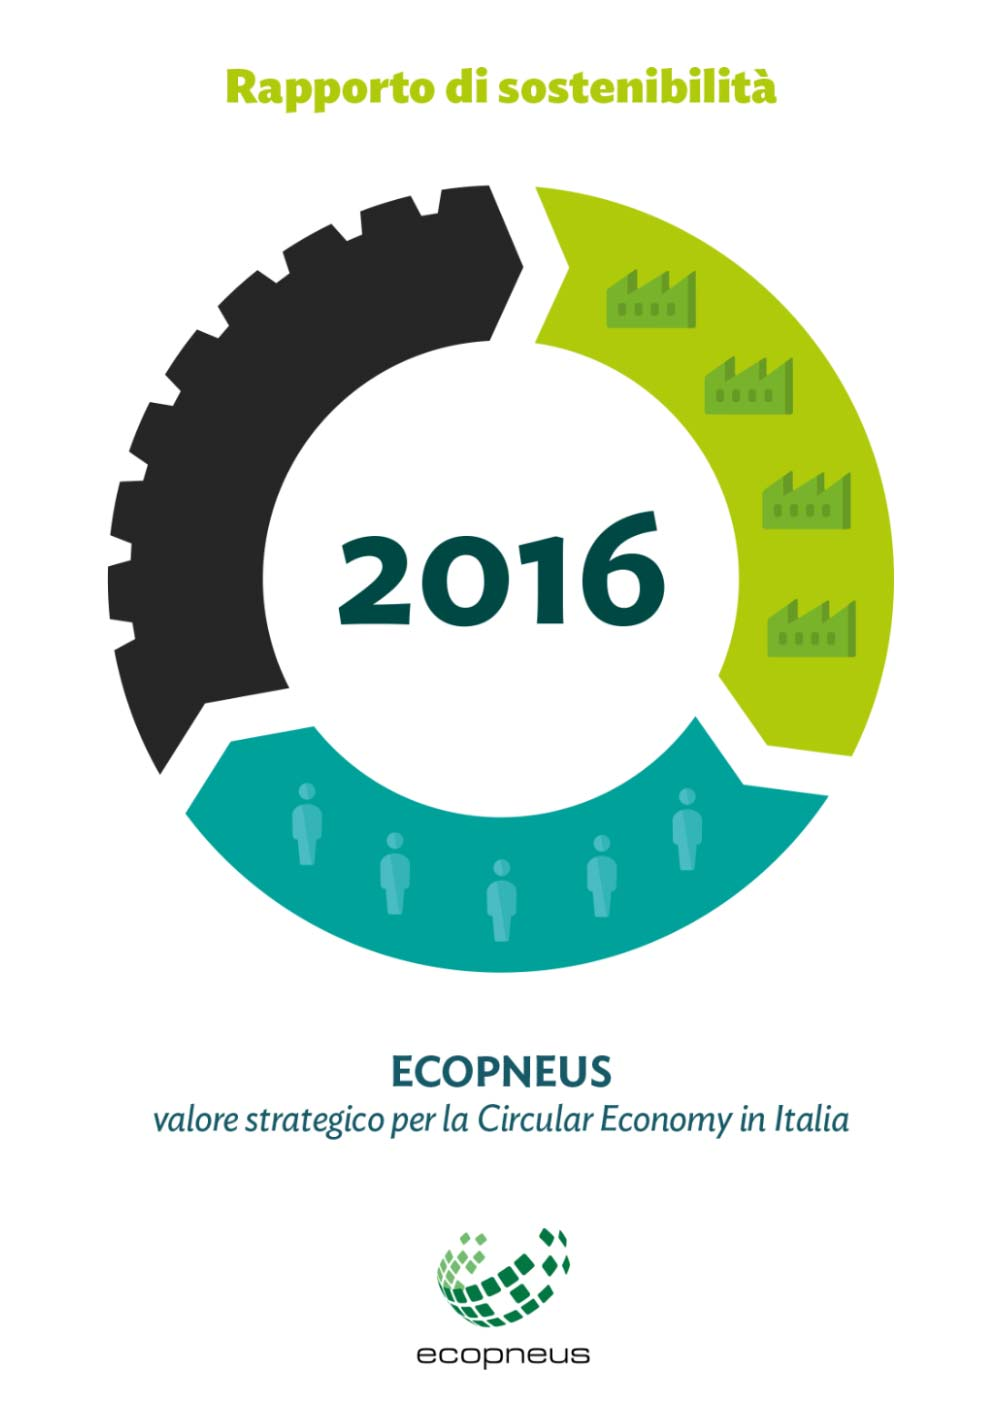 Ecopneus - Rapporto di sostenibilità 2016